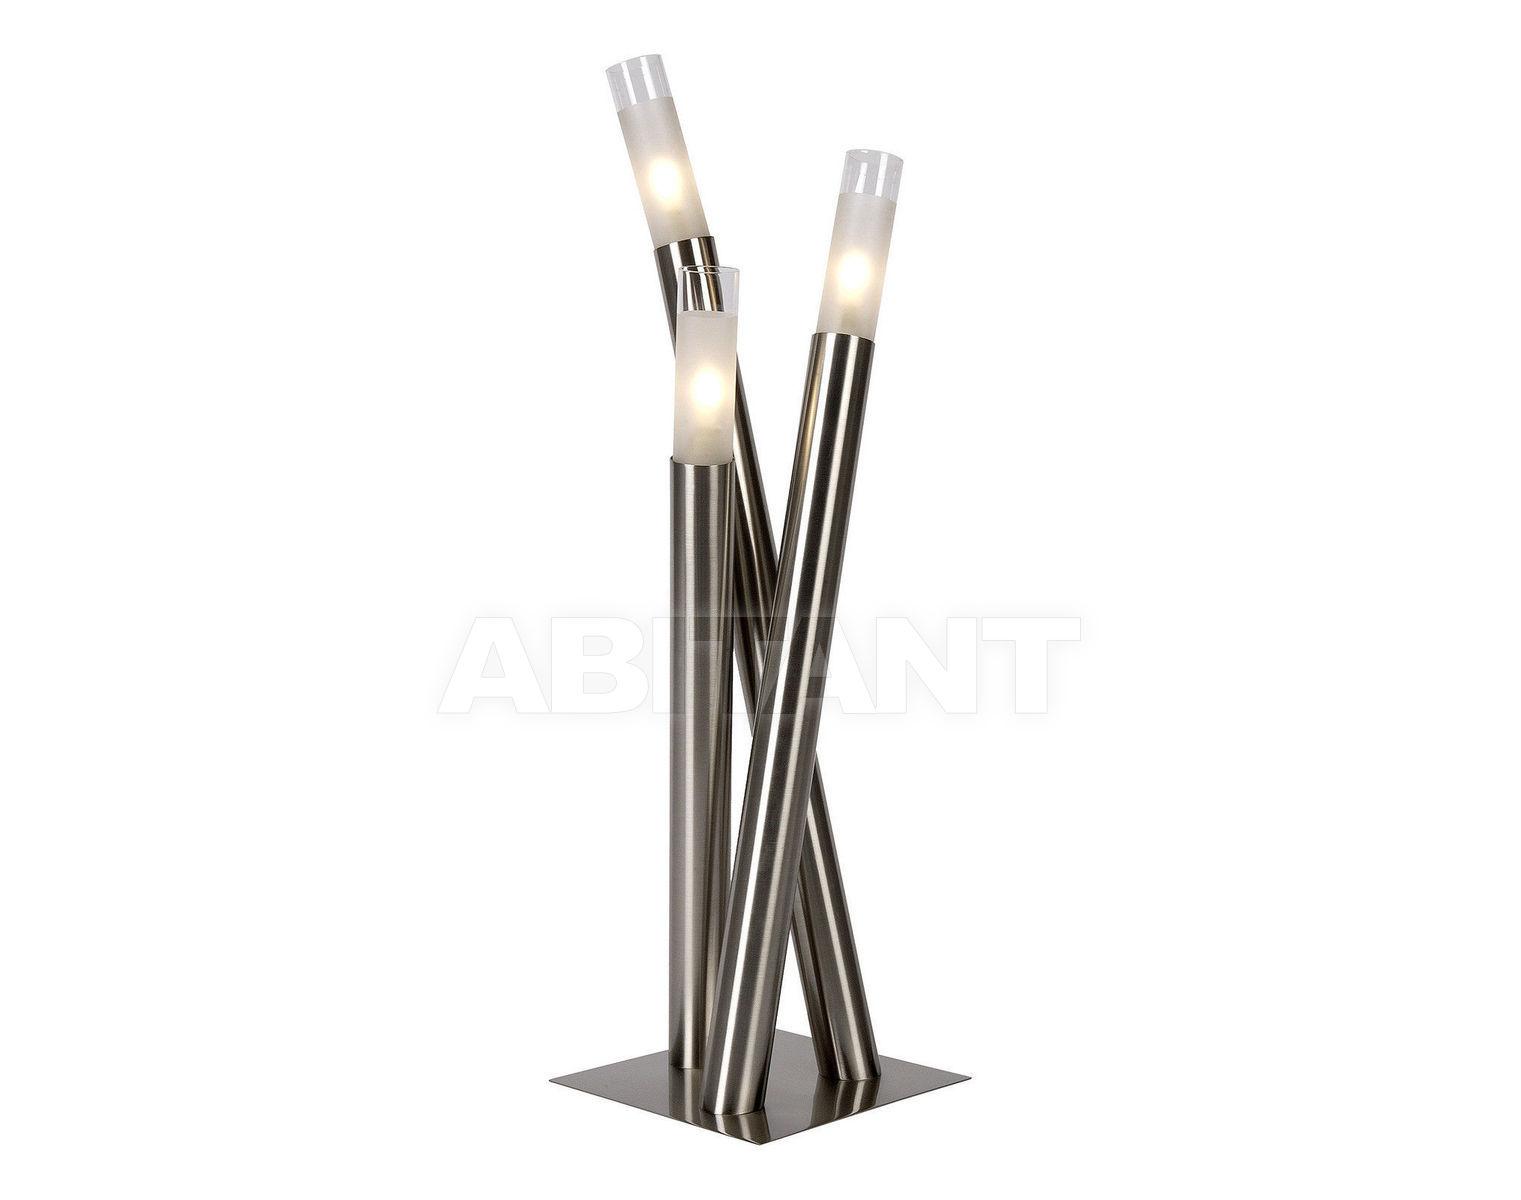 Купить Лампа настольная PIPERS Lucide  Floor & Table Lamps 12557/23/12